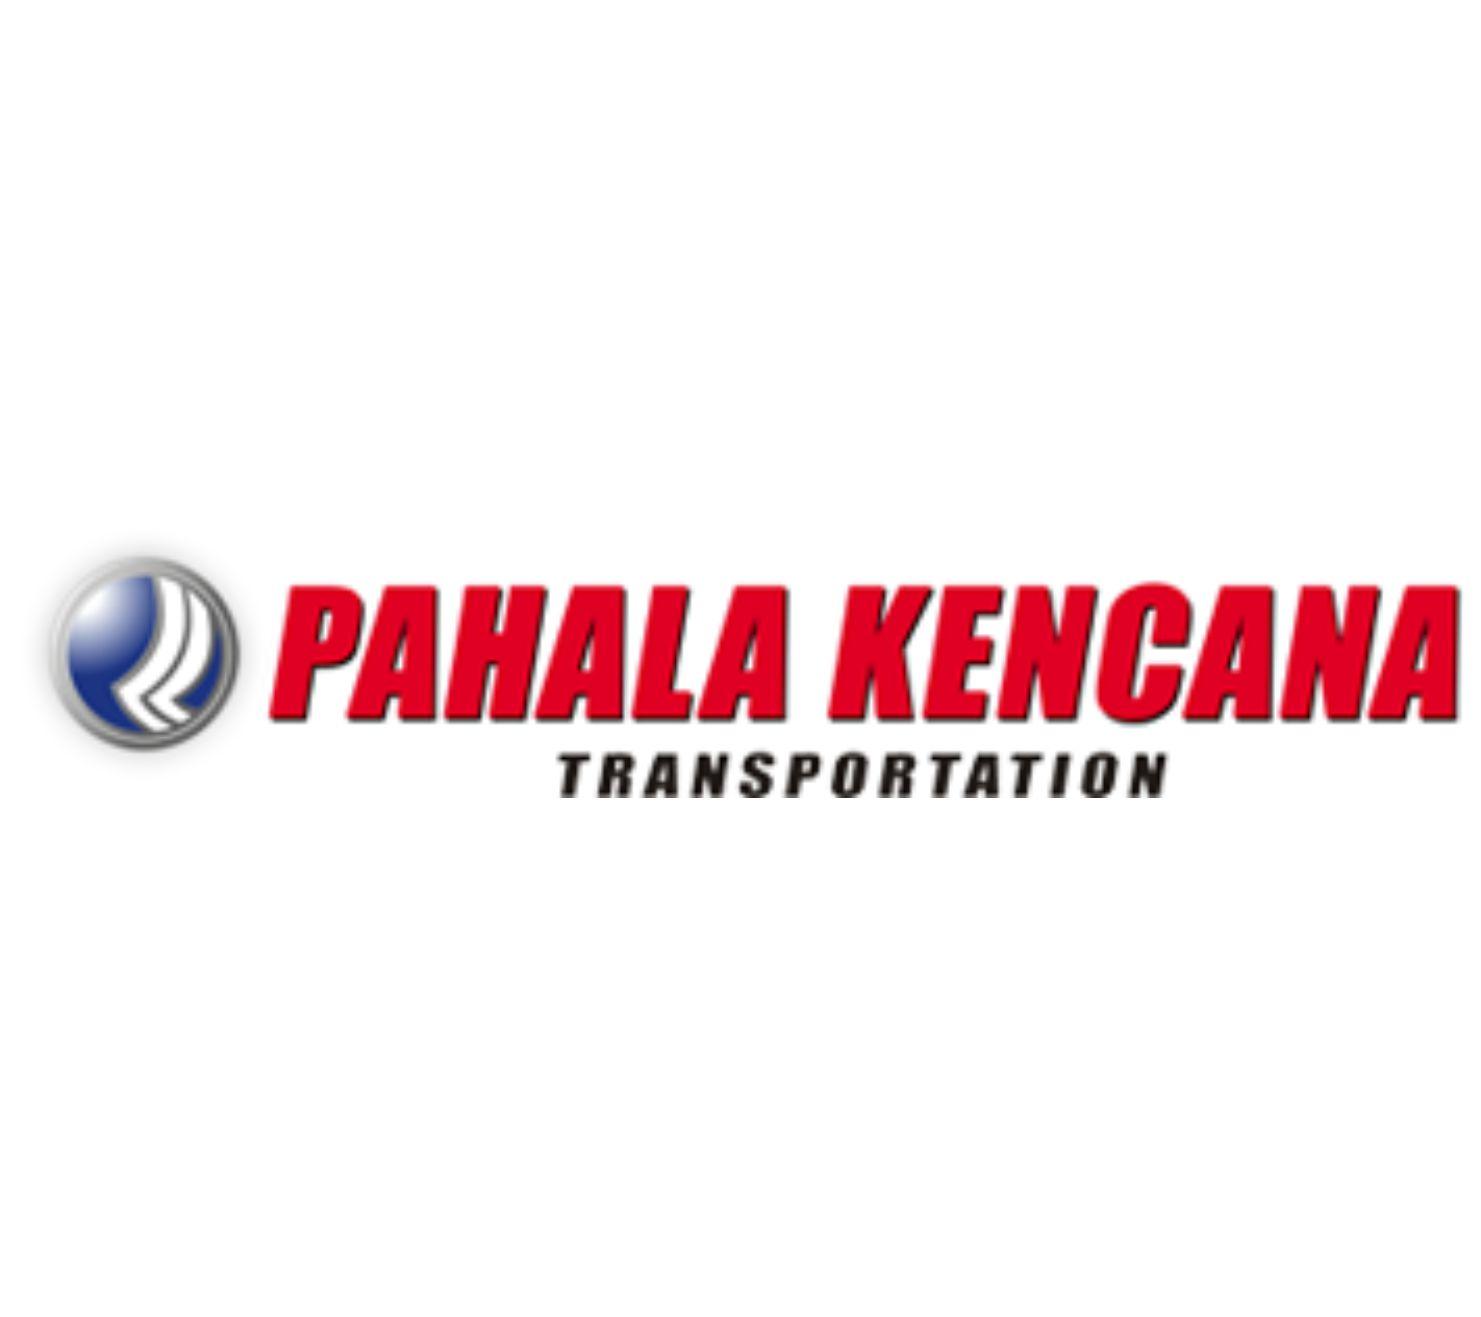 Logo Pahala Kencana.jpg